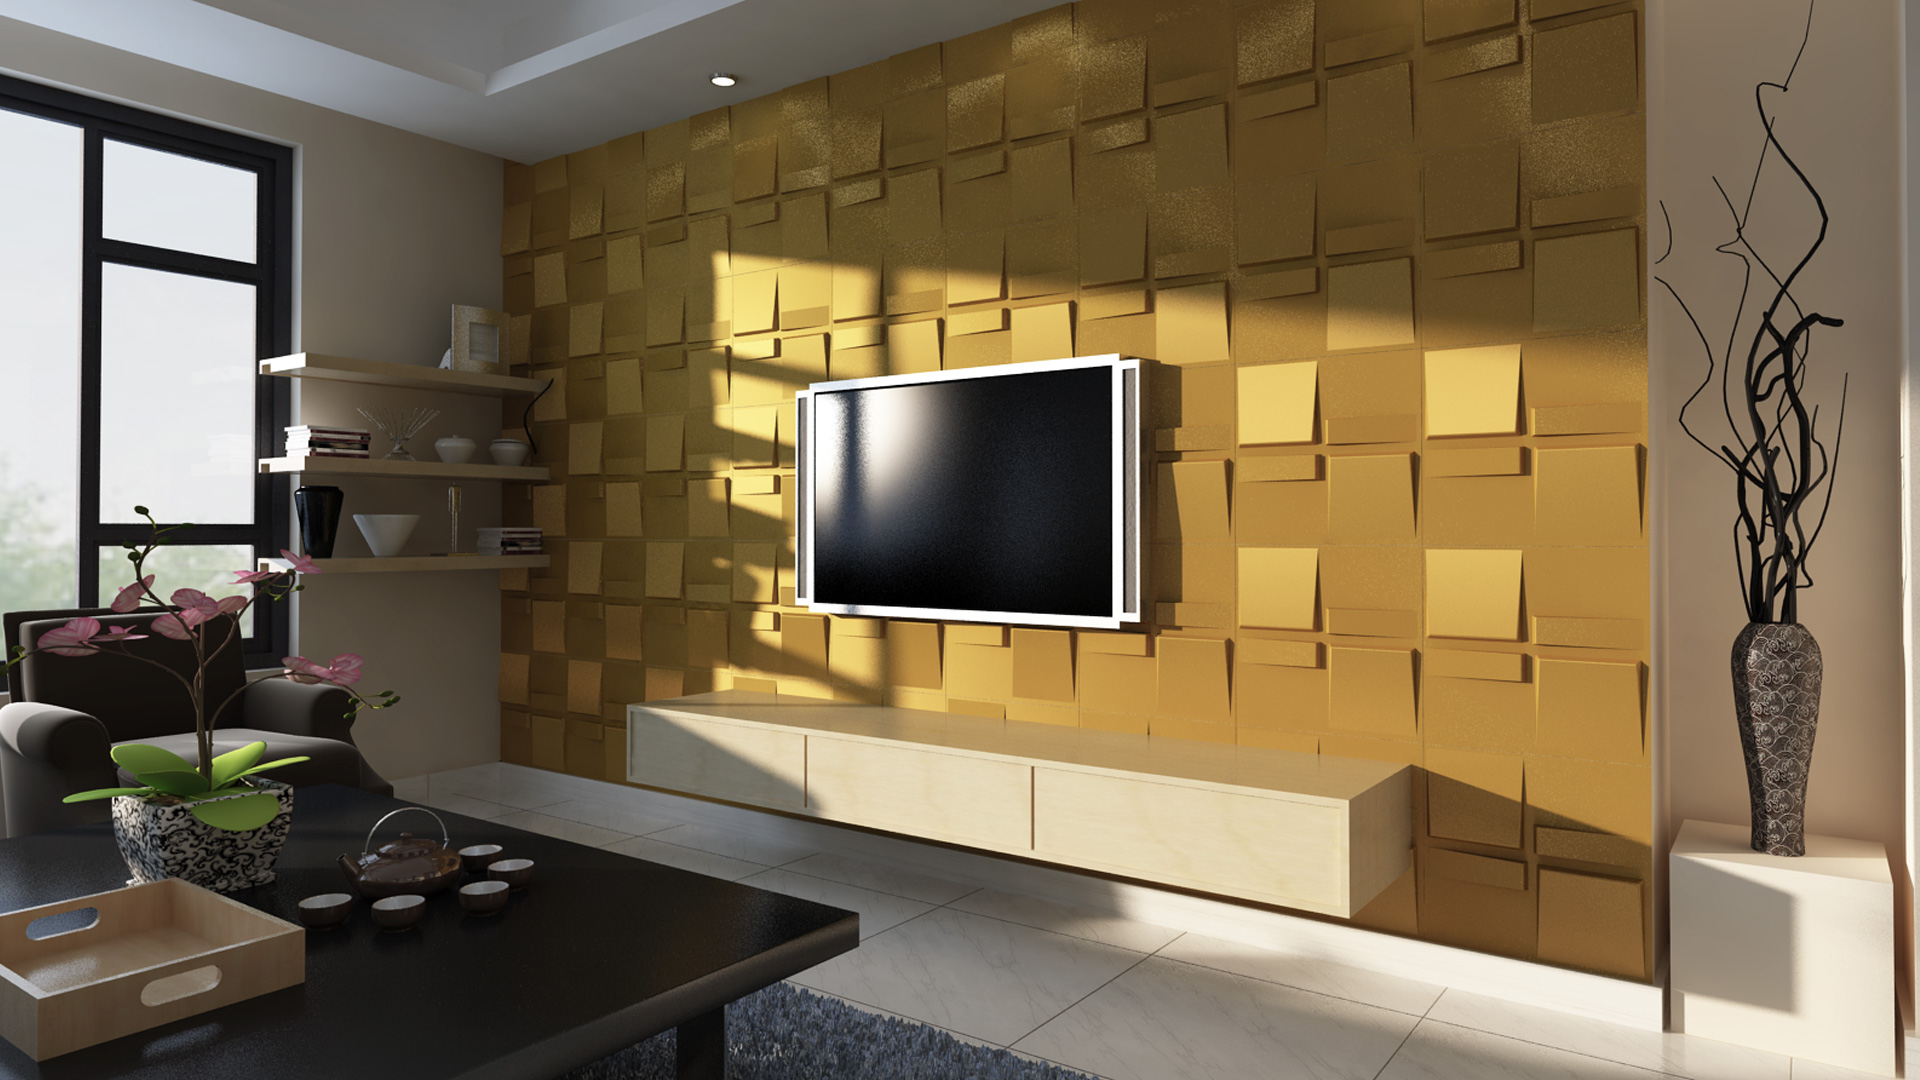 Wandpaneele Wohnzimmer | Wohnzimmer 3d Wandpaneele Deckenpaneele Wandverkleidung Aus Bambus